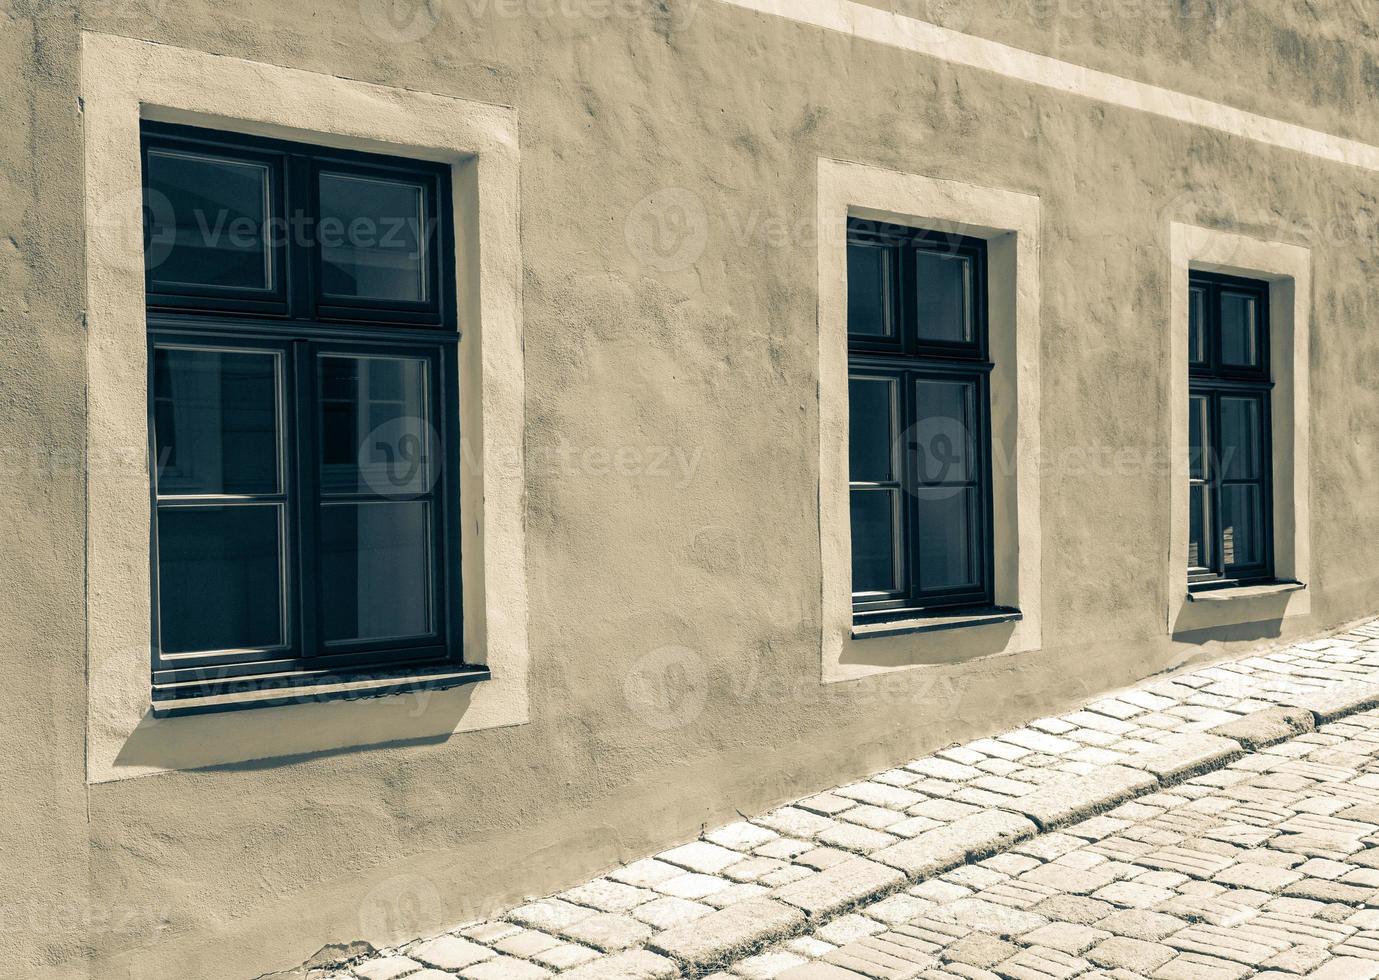 finestre presso l'edificio foto